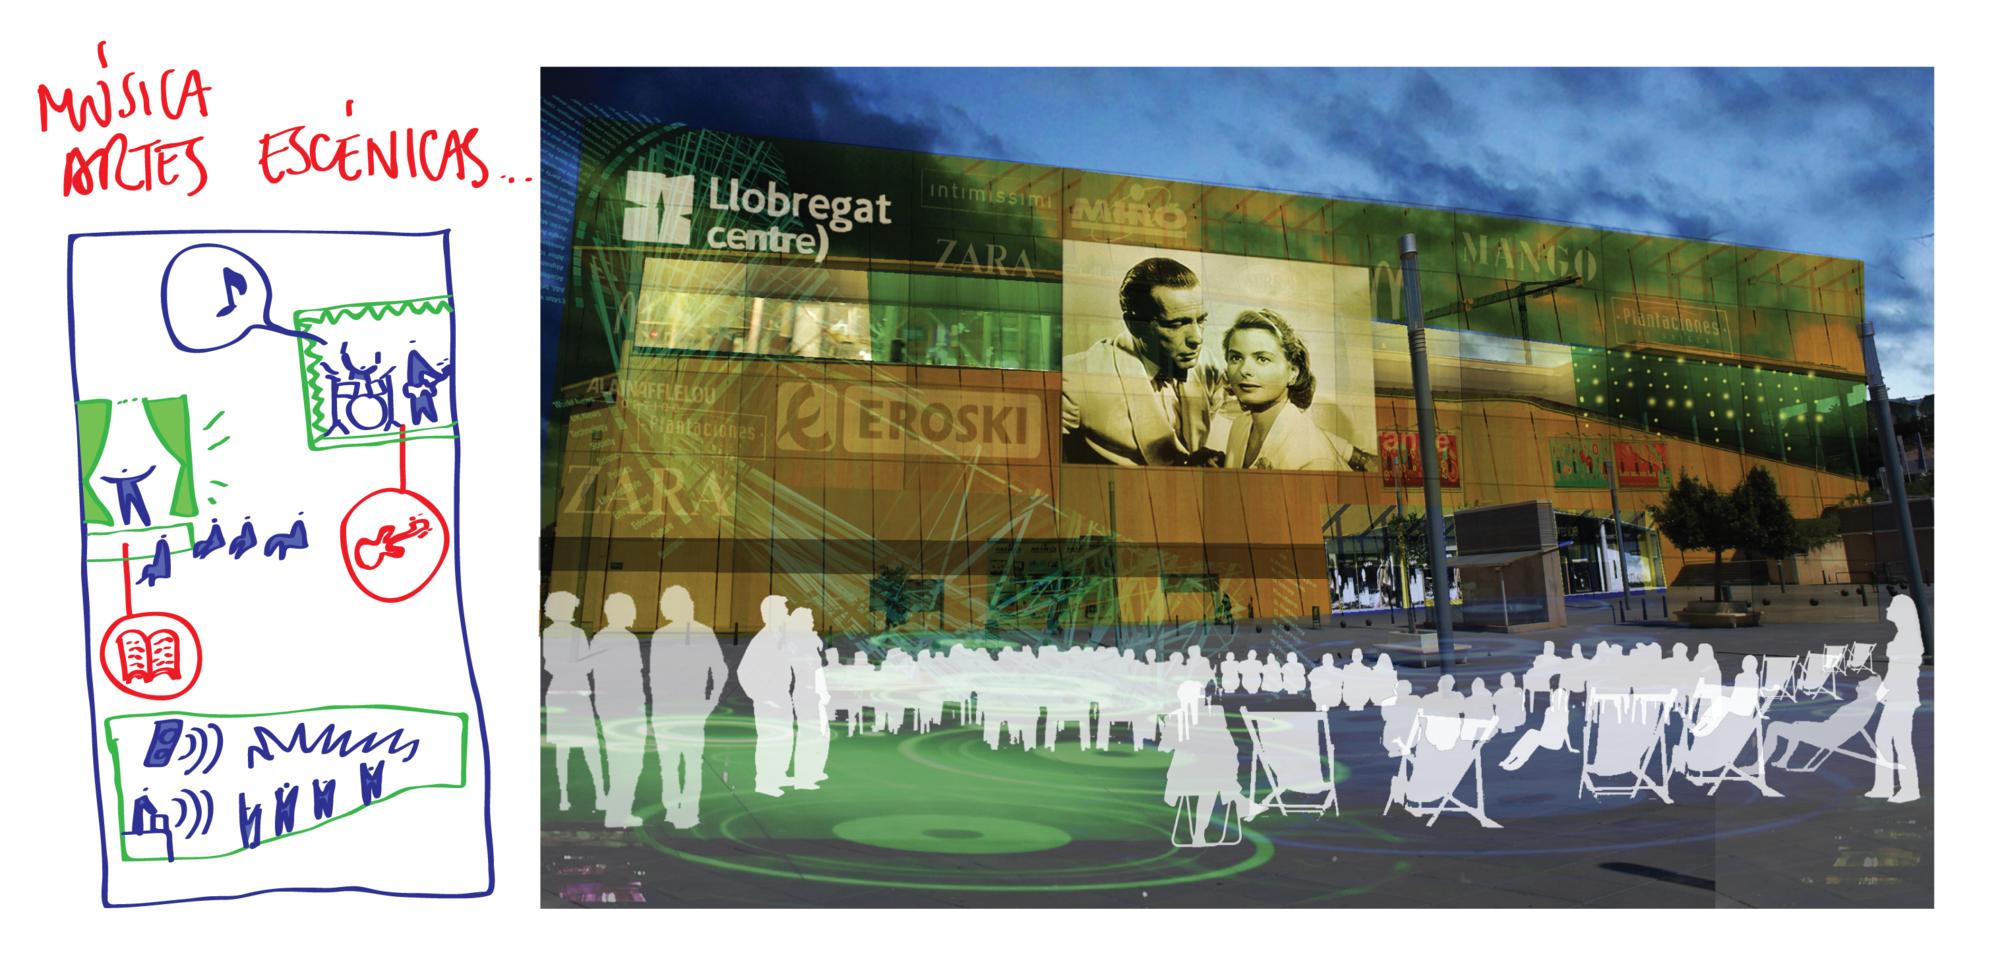 Actividades culturales y creativas asociadas al centro comercial. Image Cortesia de Ecosistema Urbano